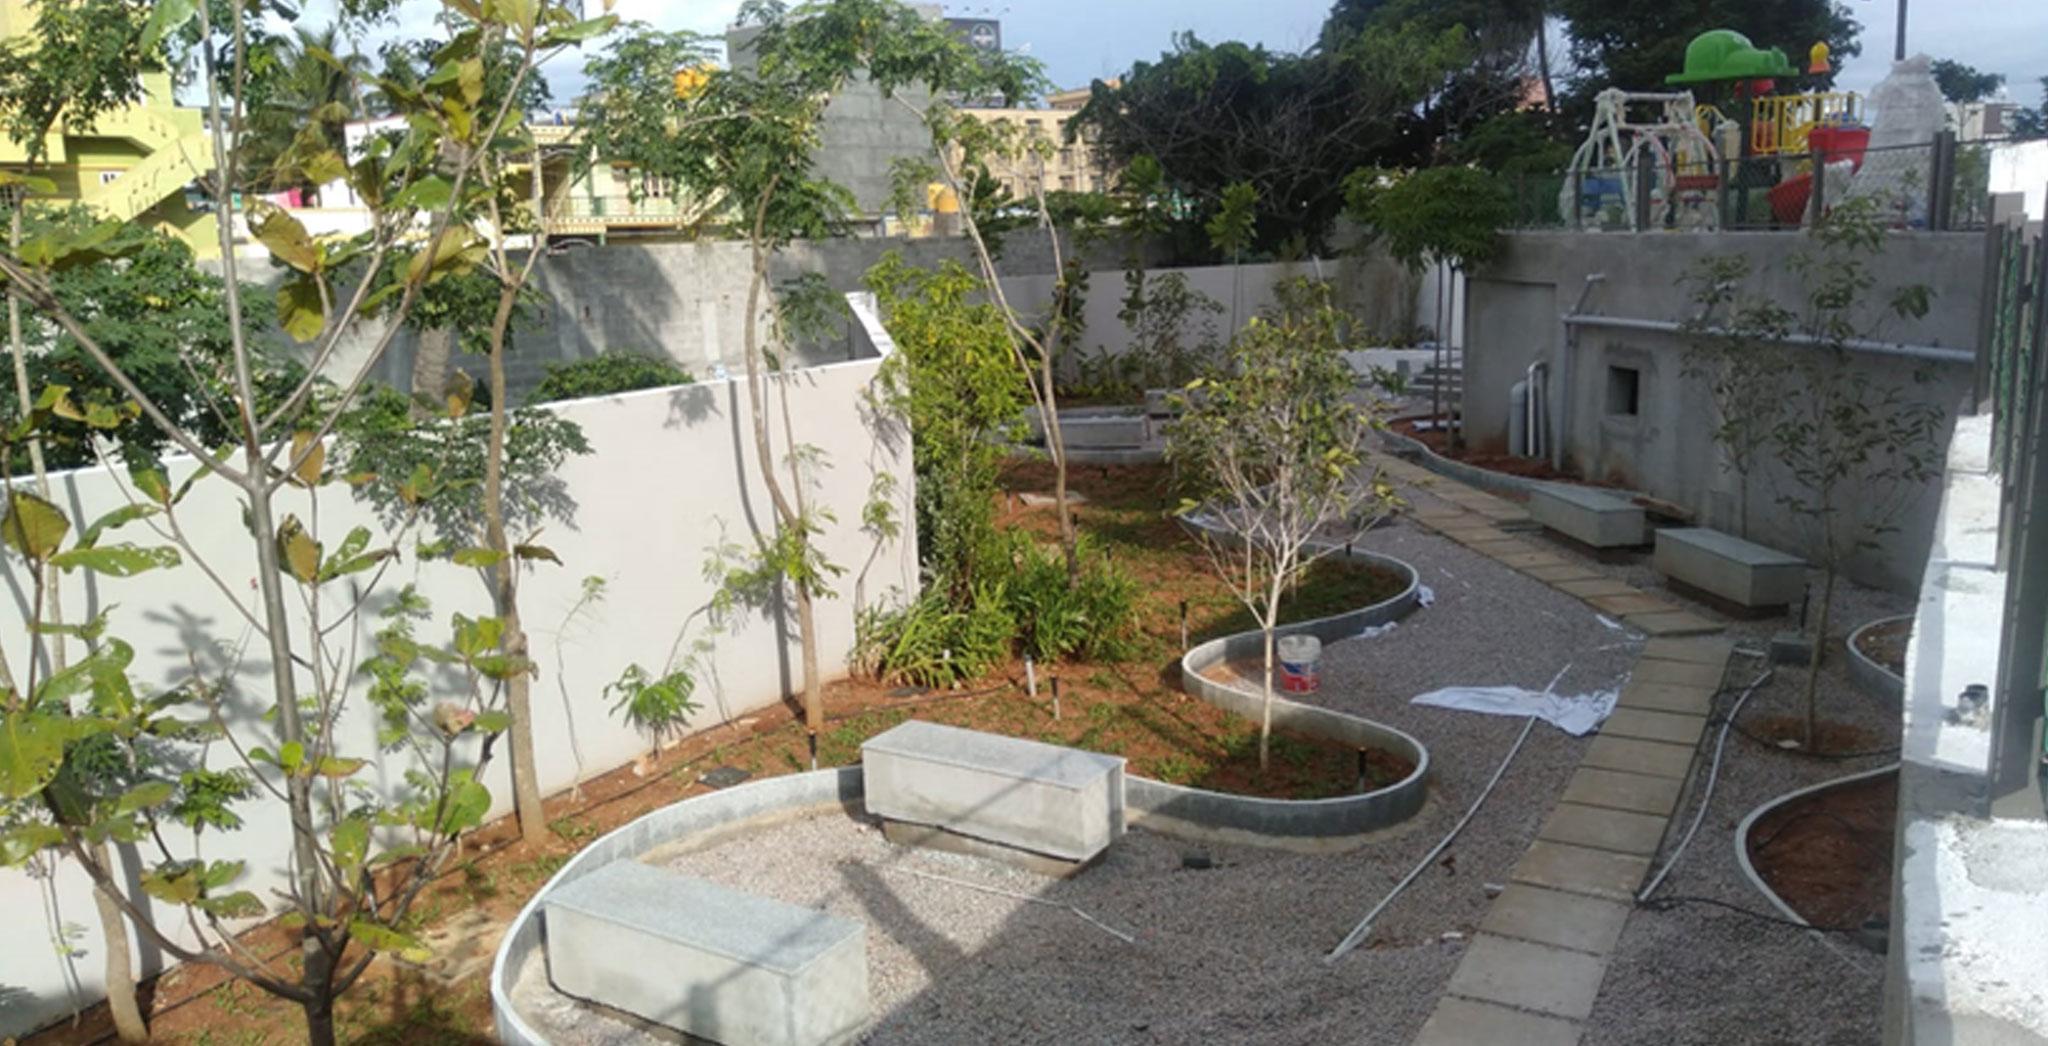 Jul 2021 - Garden and landscape is in progress